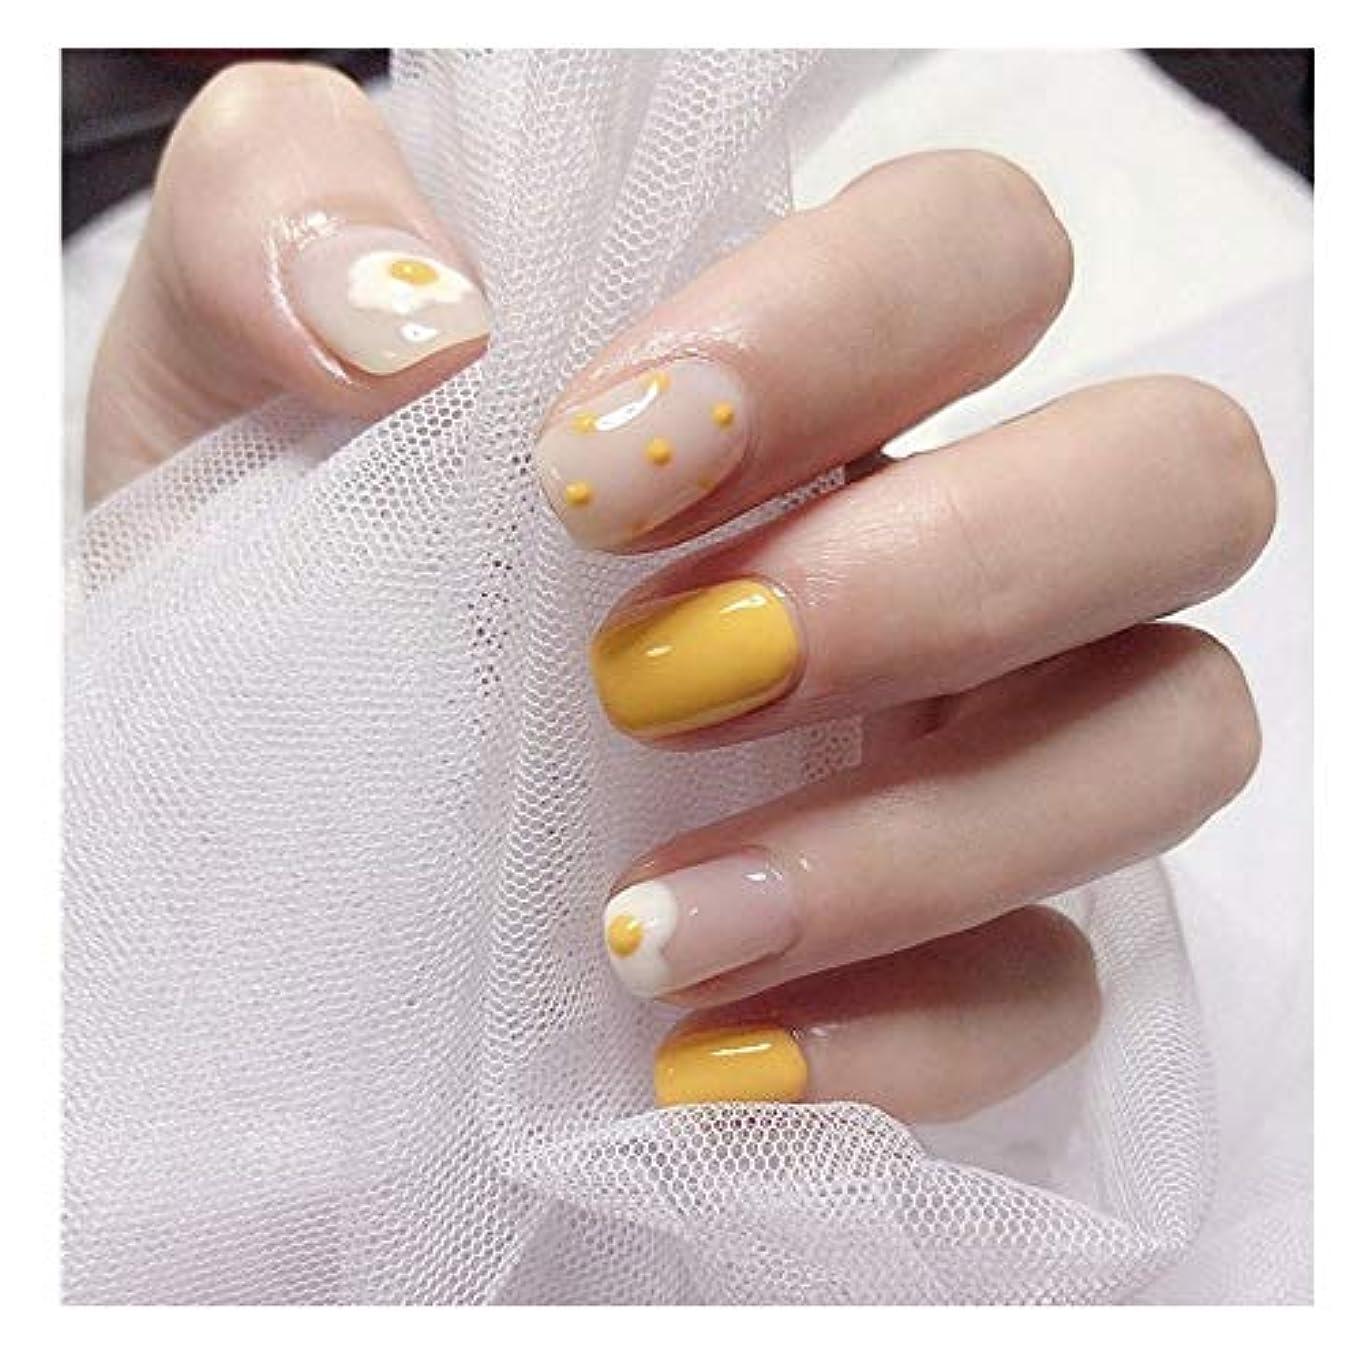 クラック行き当たりばったり解き明かすHOHYLLYA 黄色の卵偽の釘のショートスクエアネイルグルー完成ネイルアートフェイクネイルズ (色 : 24 pieces)